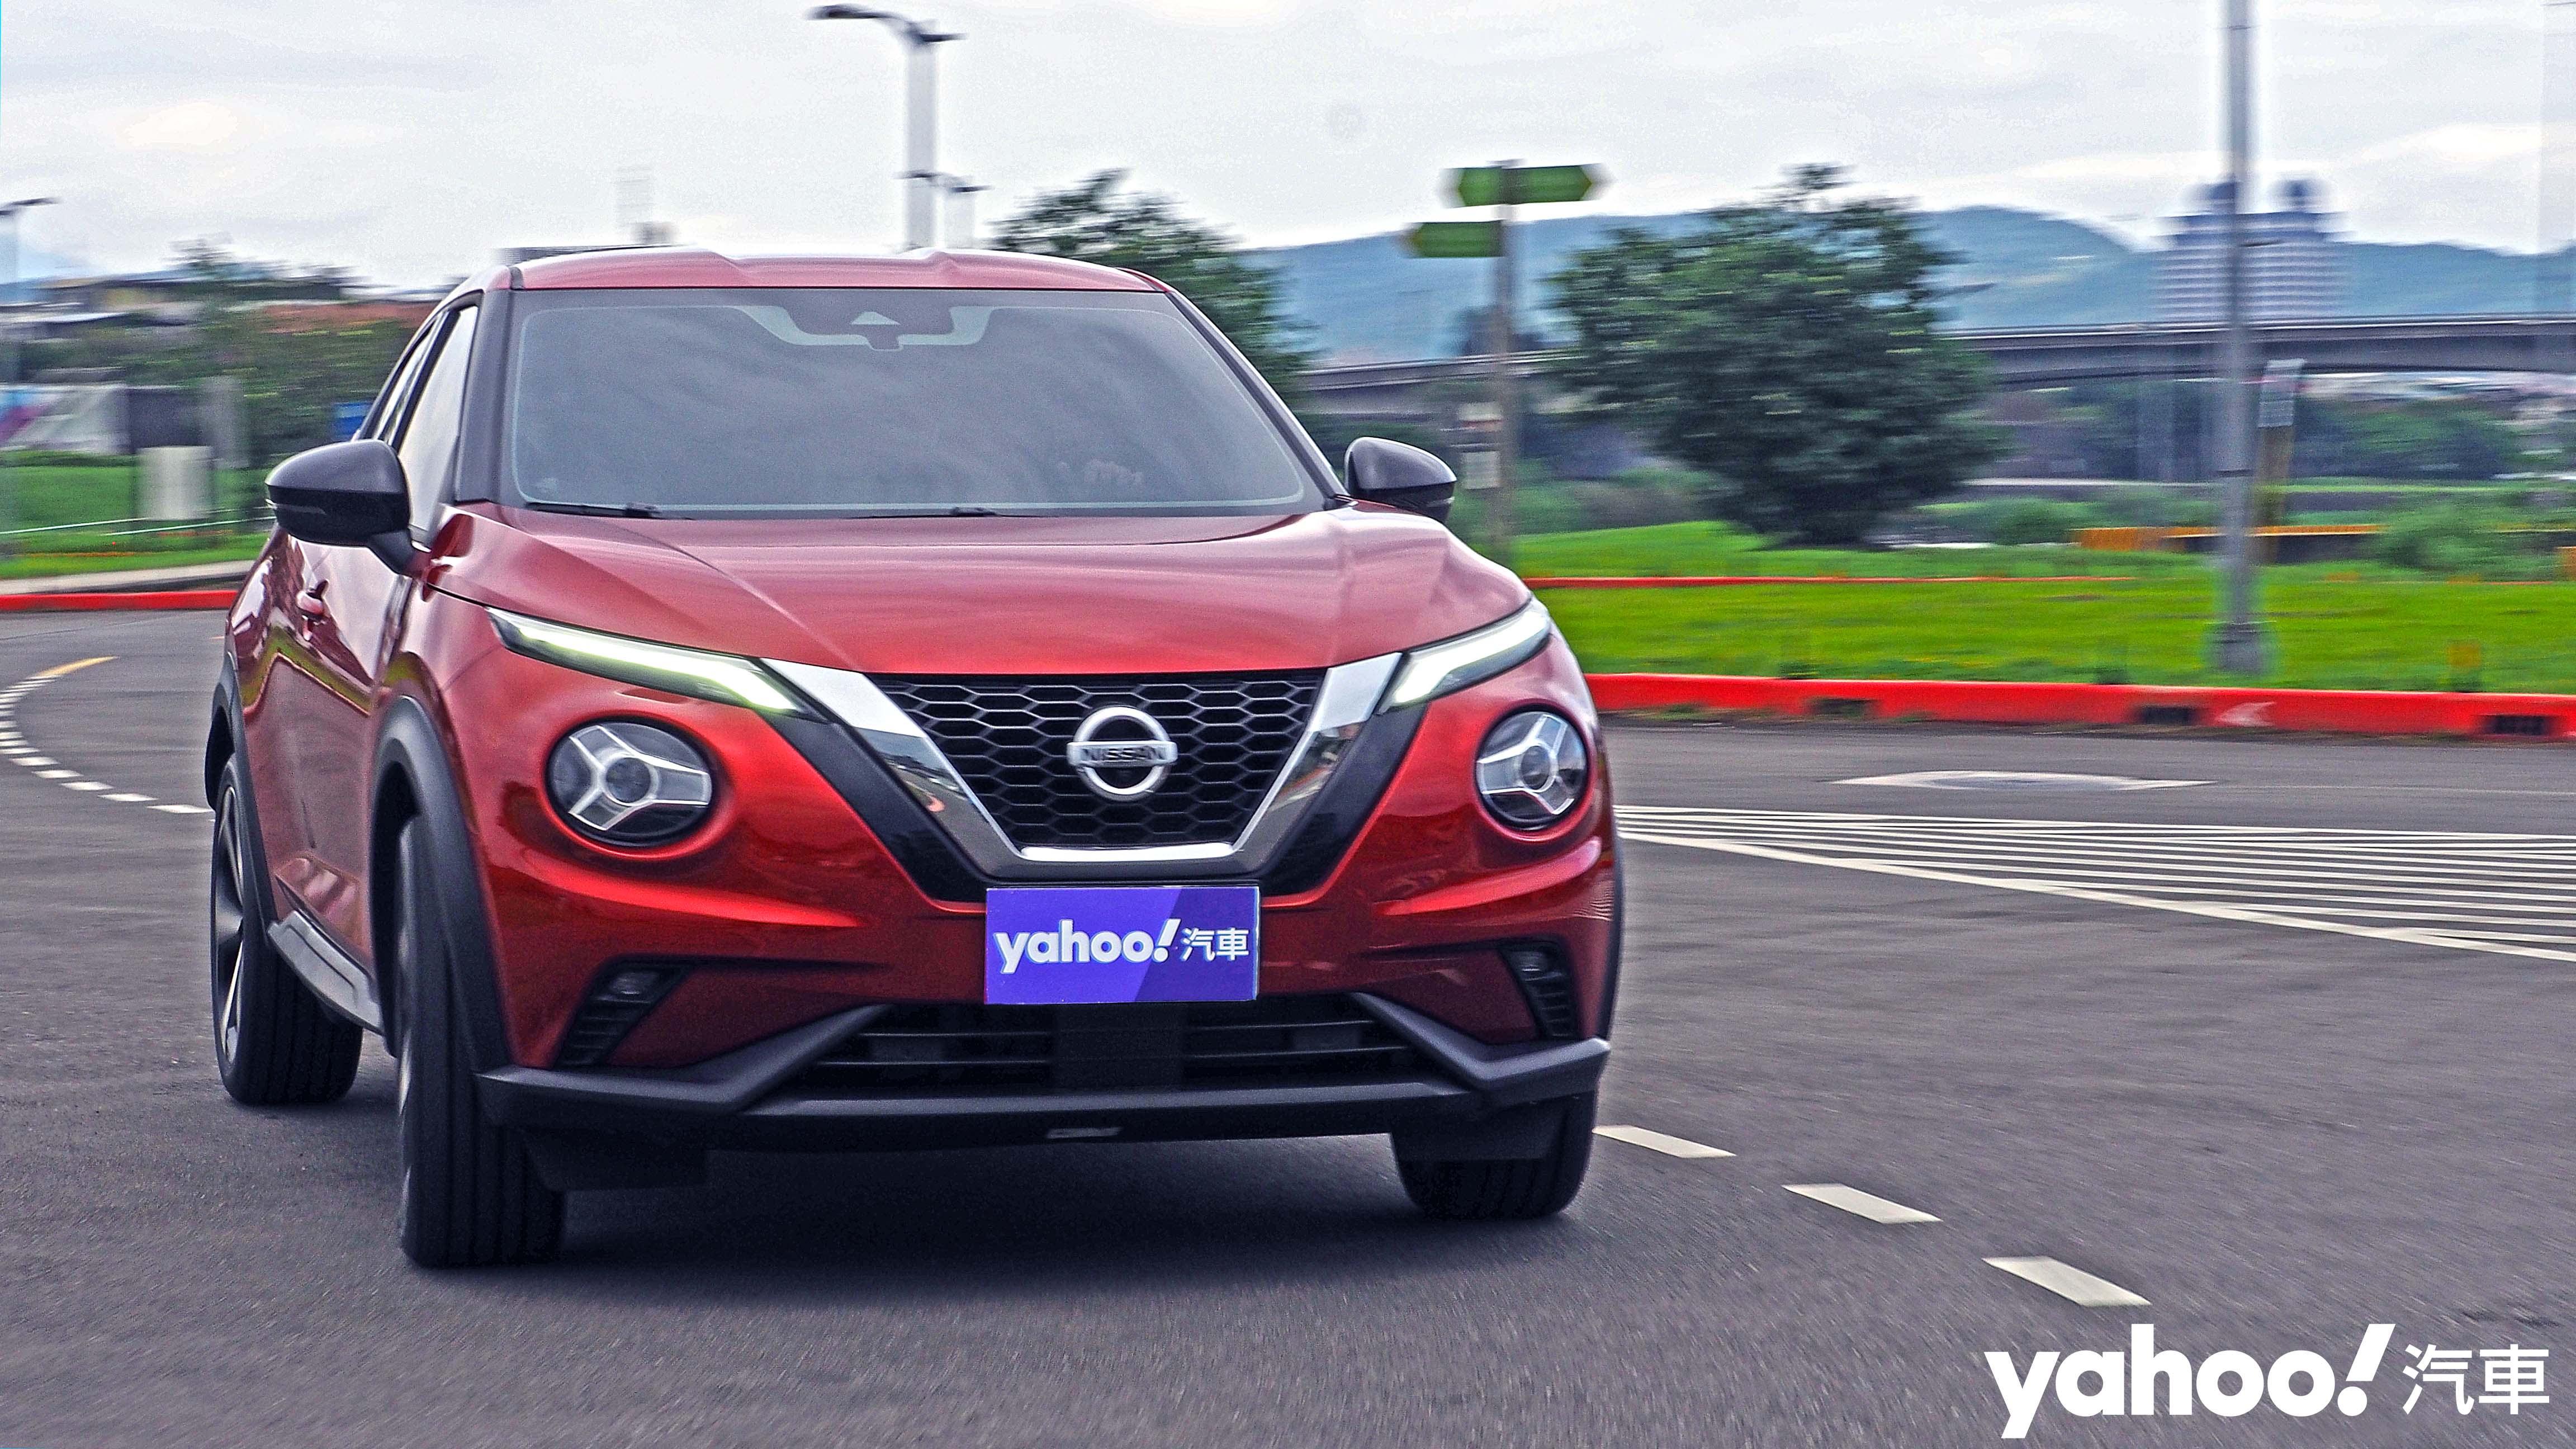 原生野獸再進化!Nissan大改款第二代Juke 1.0駕趣享樂版試駕